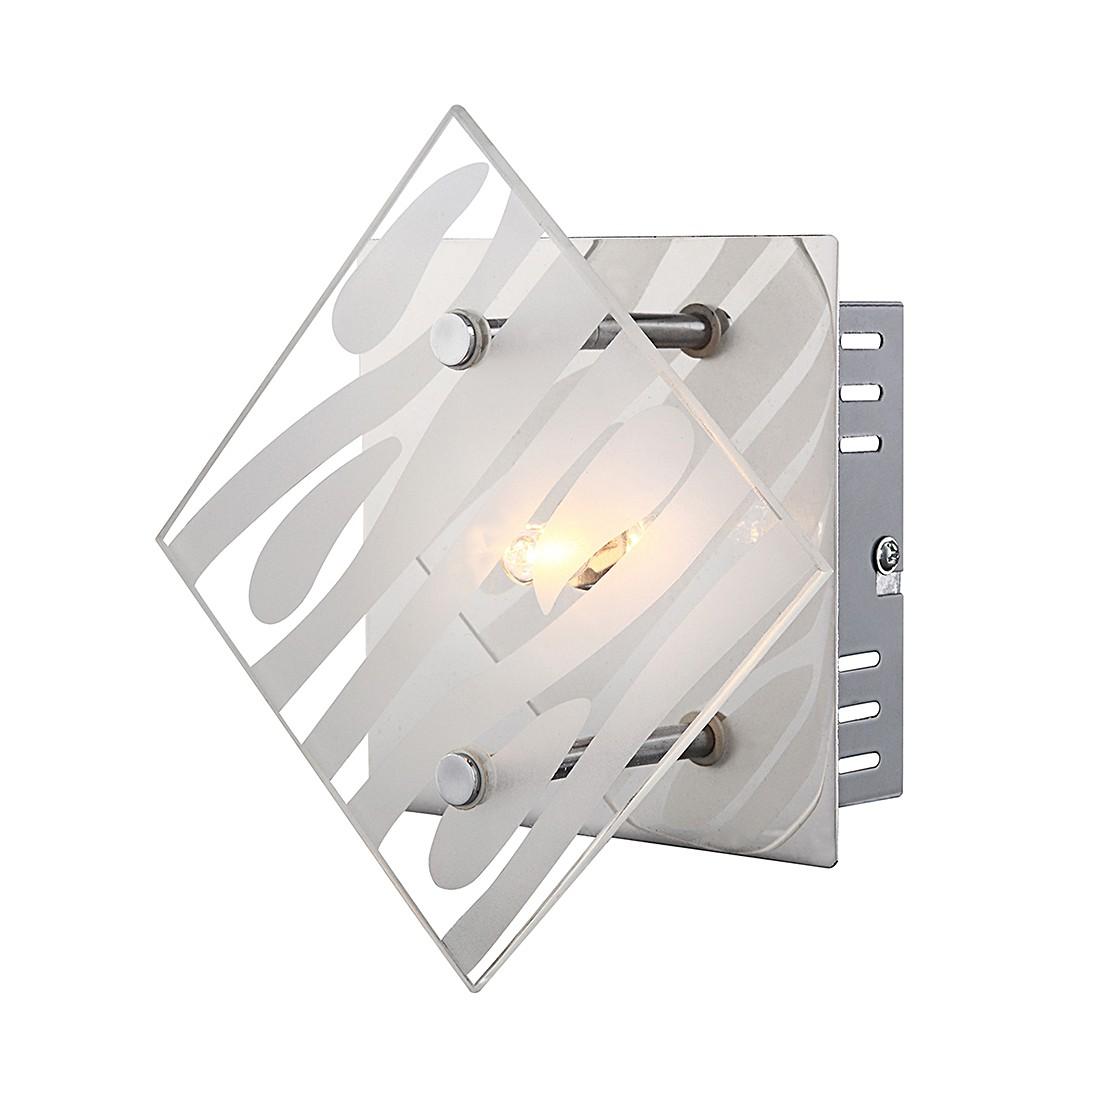 EEK A++, Wandleuchte WL METALL CHROM, 1XG9 – Metall – Silber – 1-flammig, Globo Lighting online kaufen